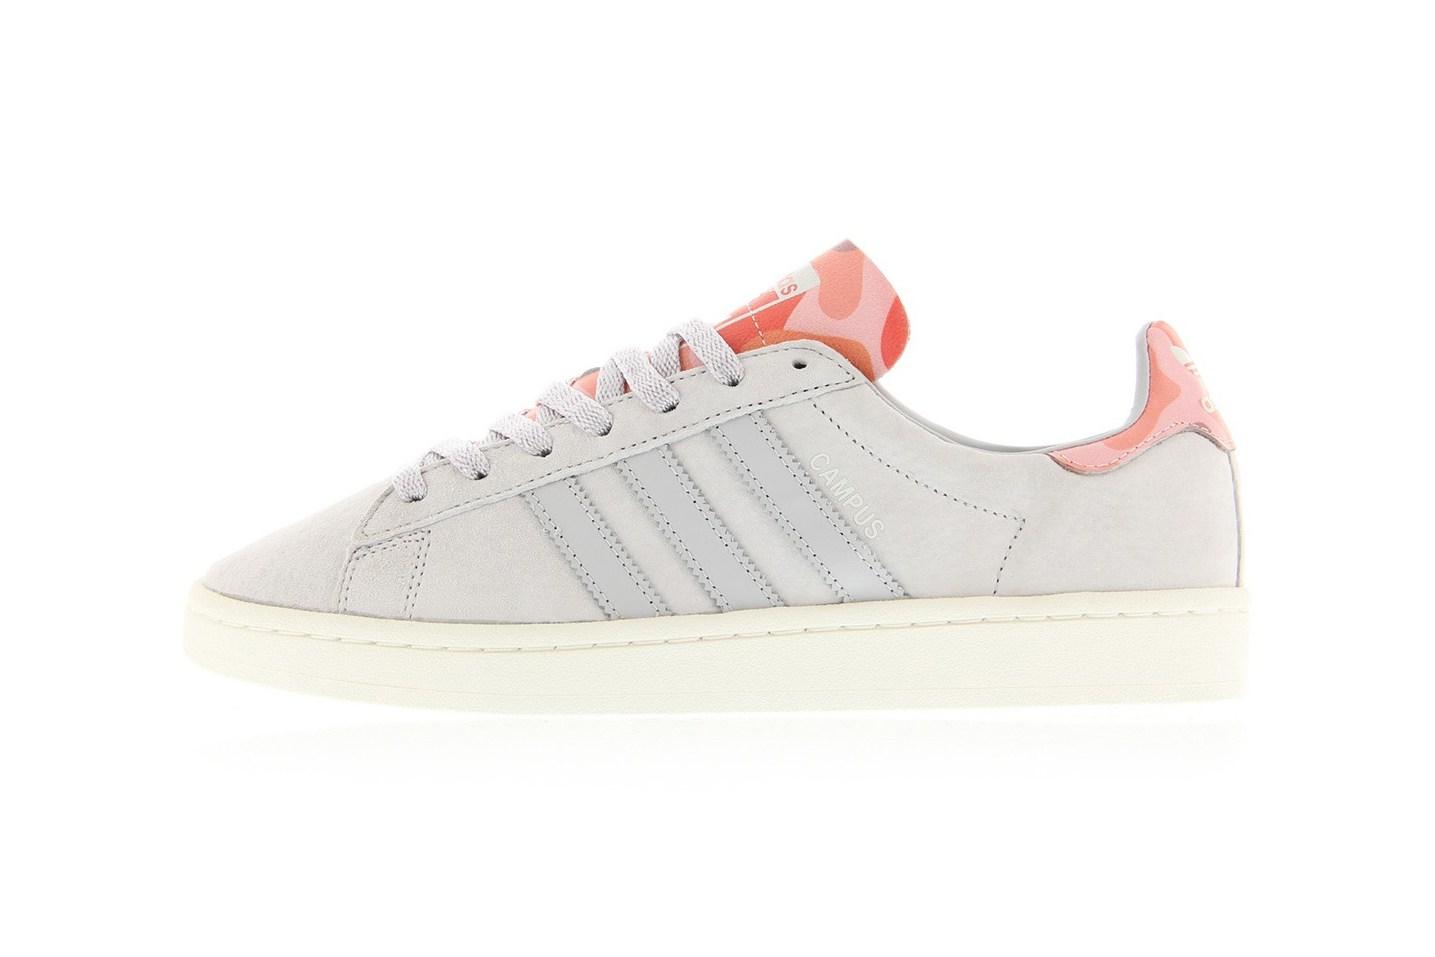 adidas-campus-pink-sun-glow-camo-3